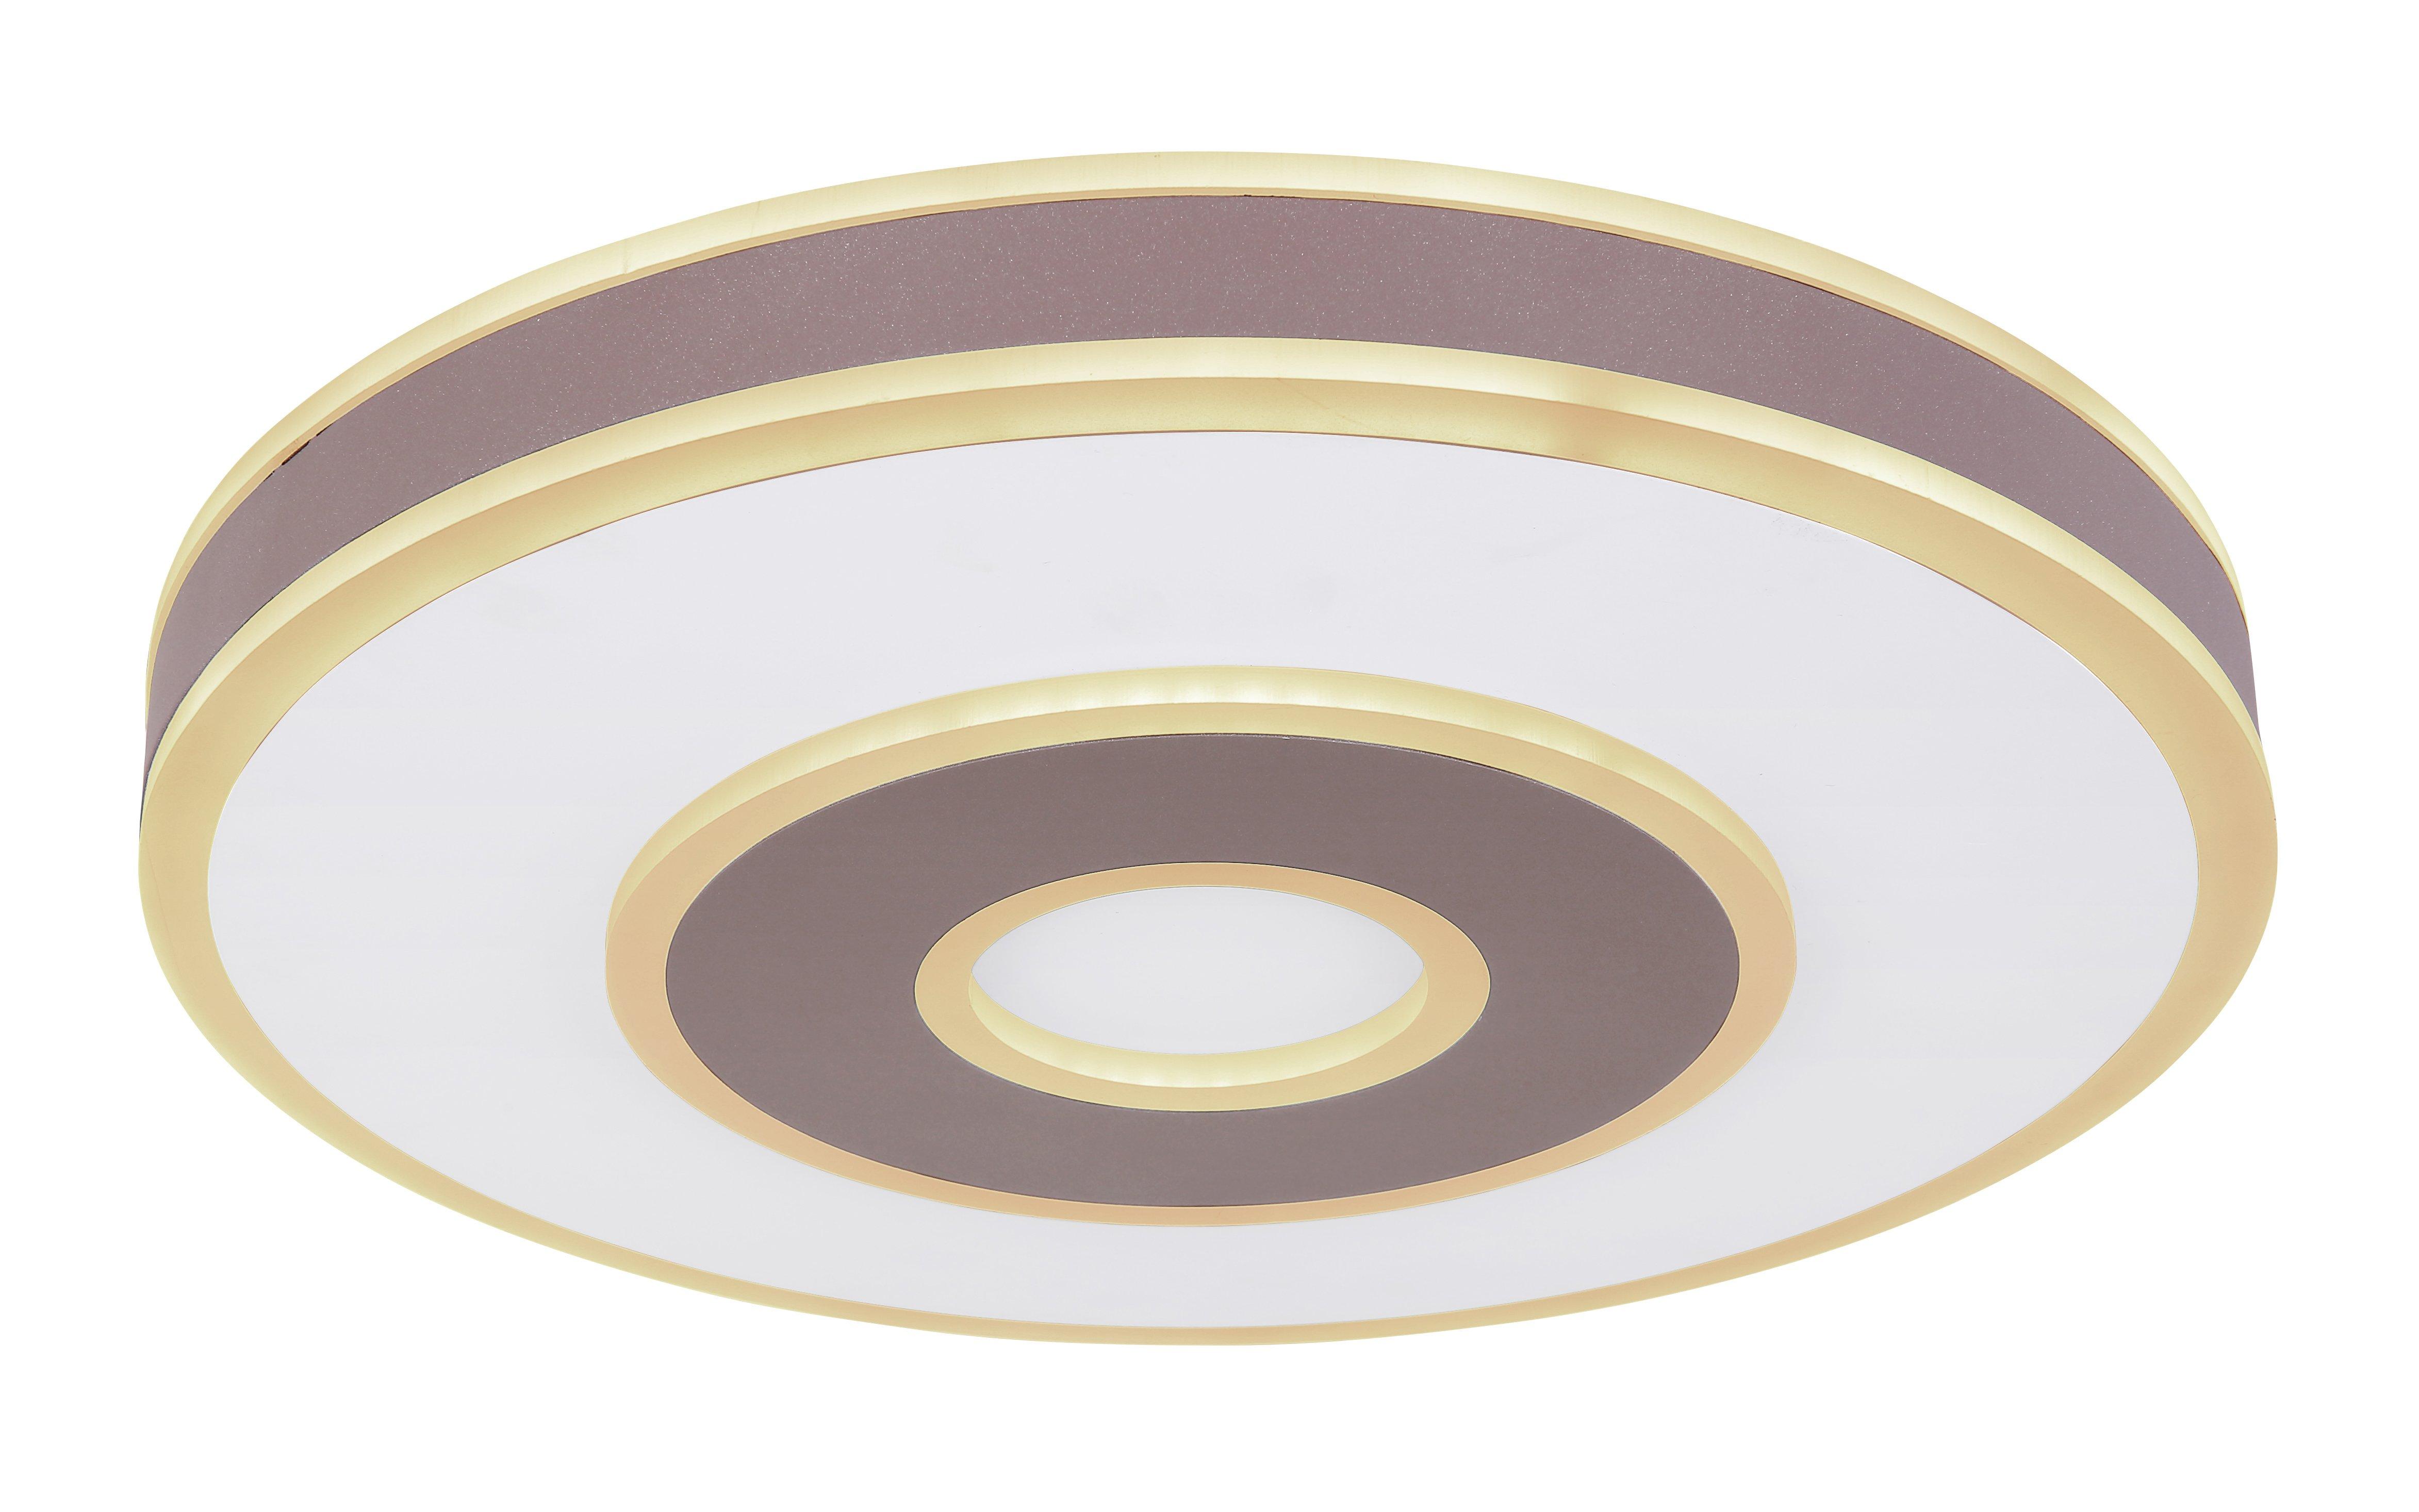 LED Deckenleuchte Maru rund